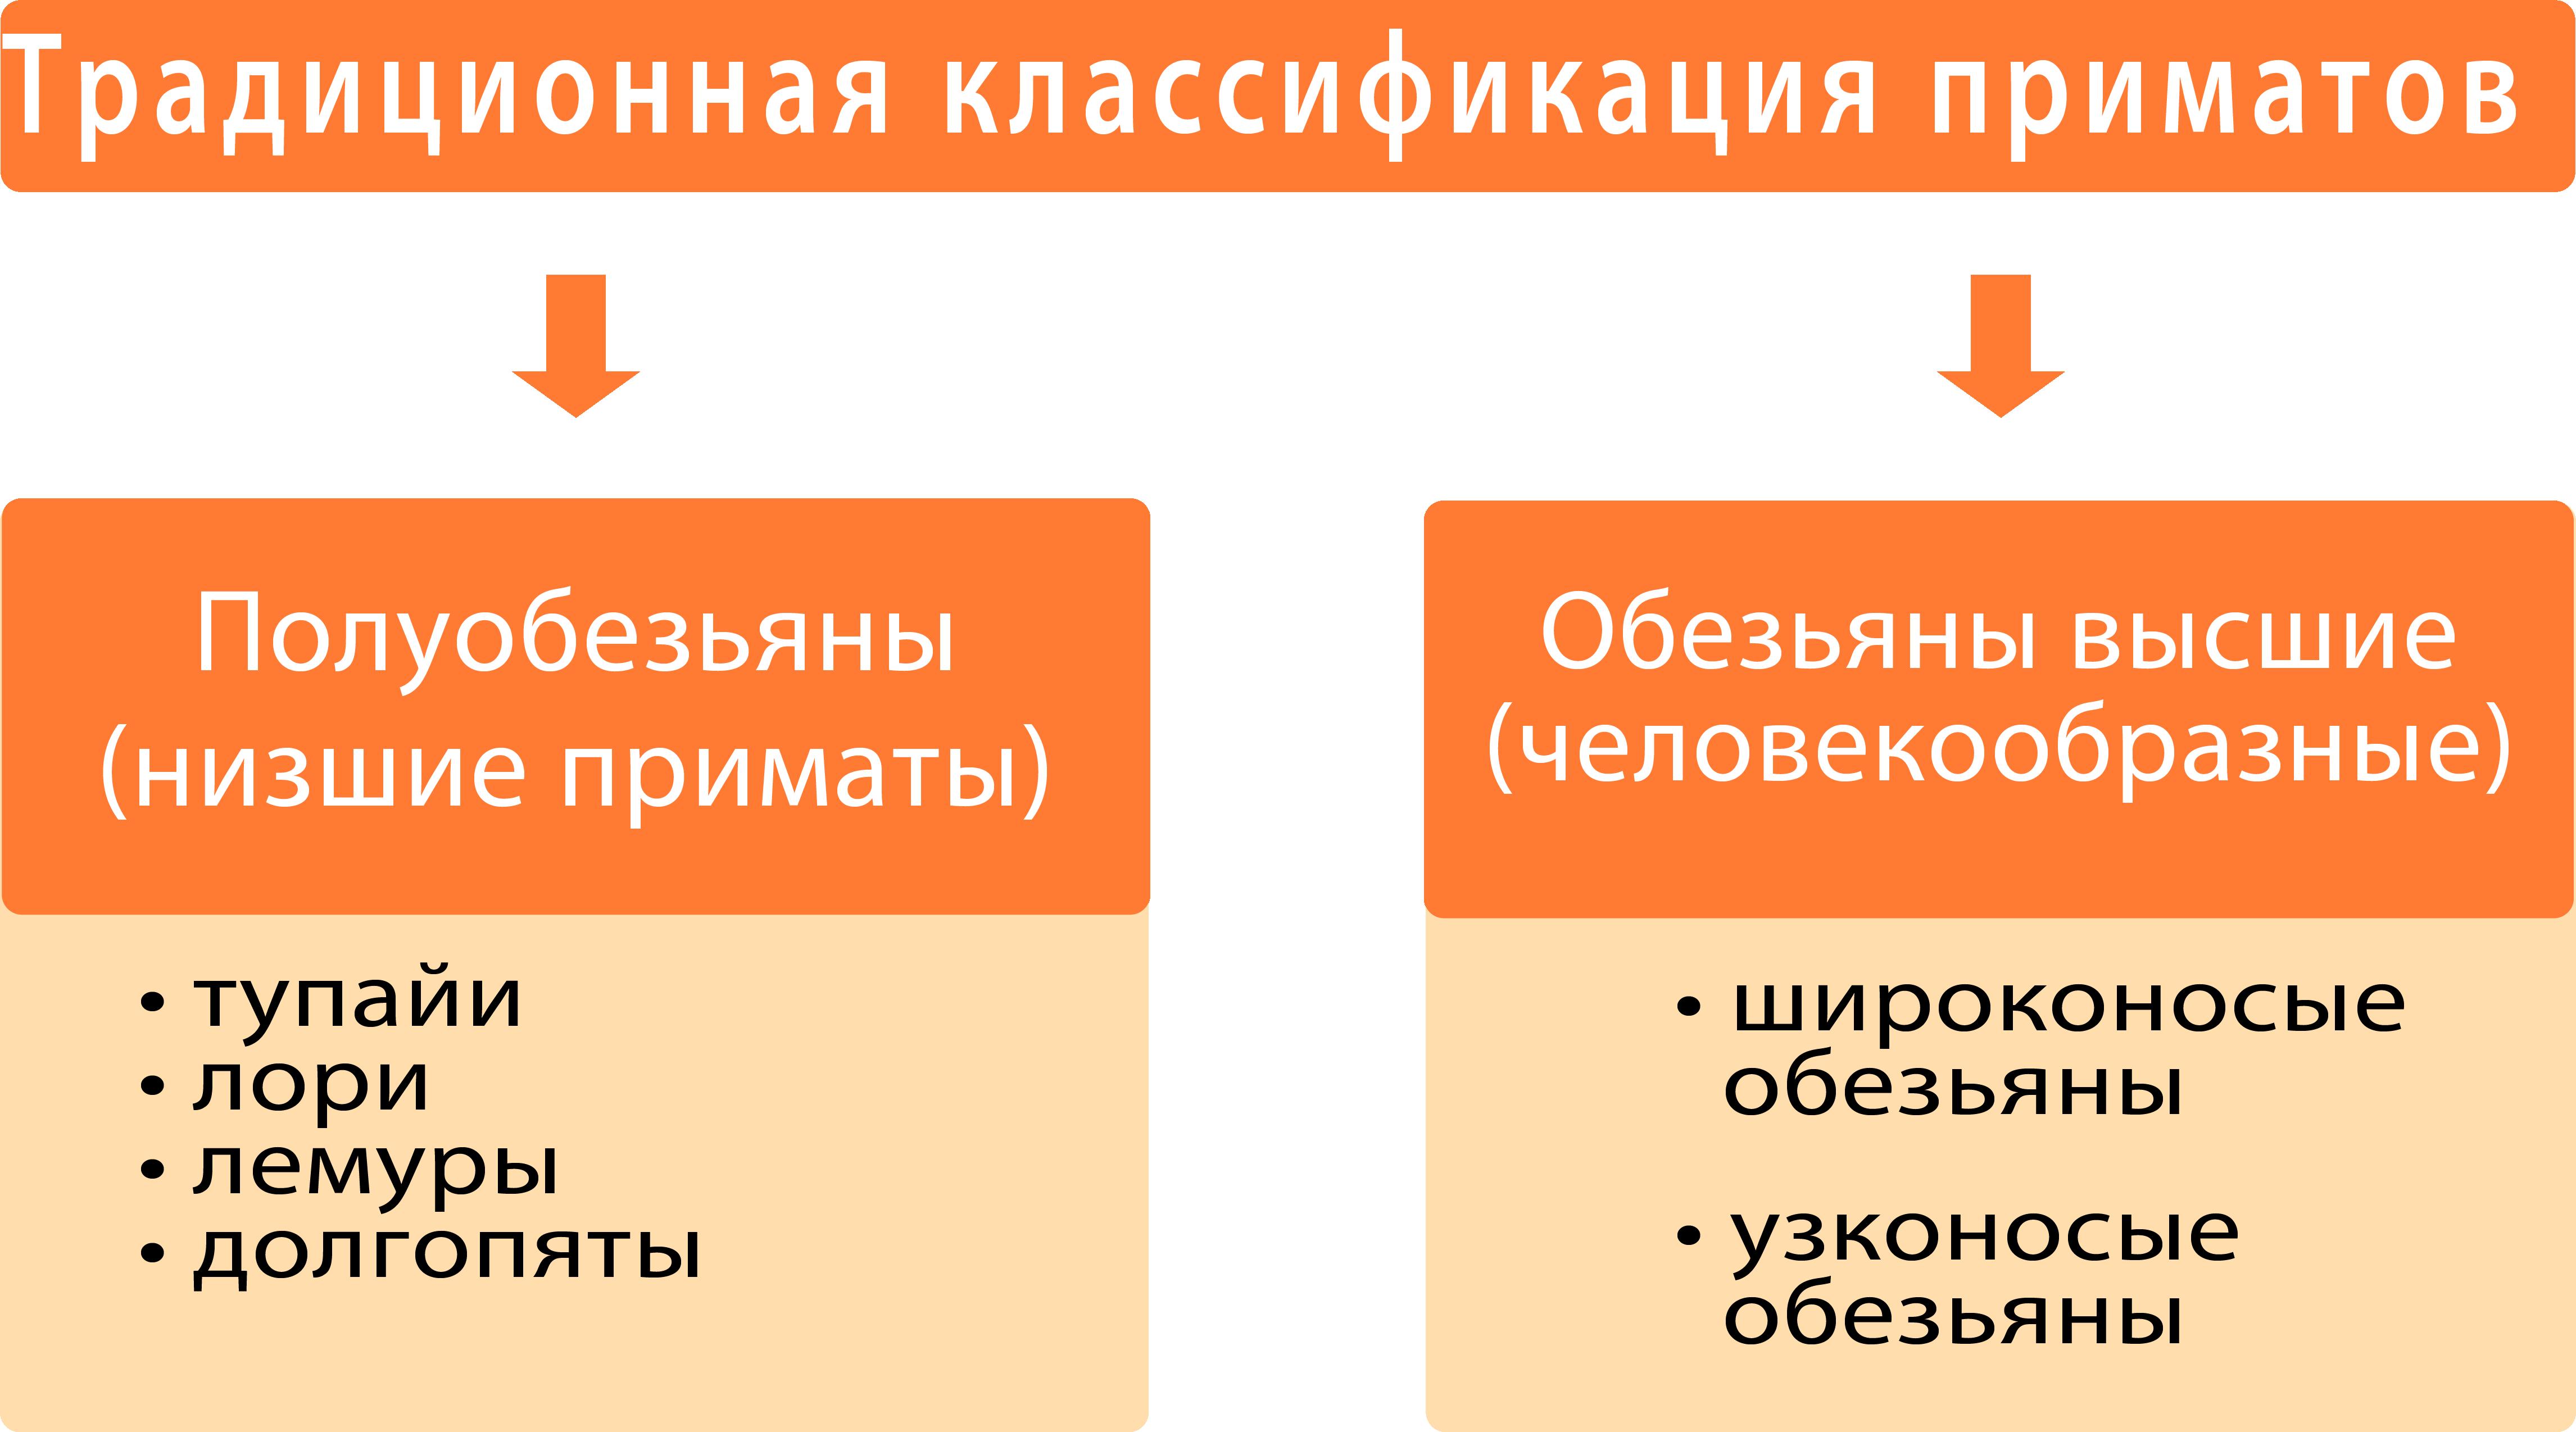 традиционная классификация приматов